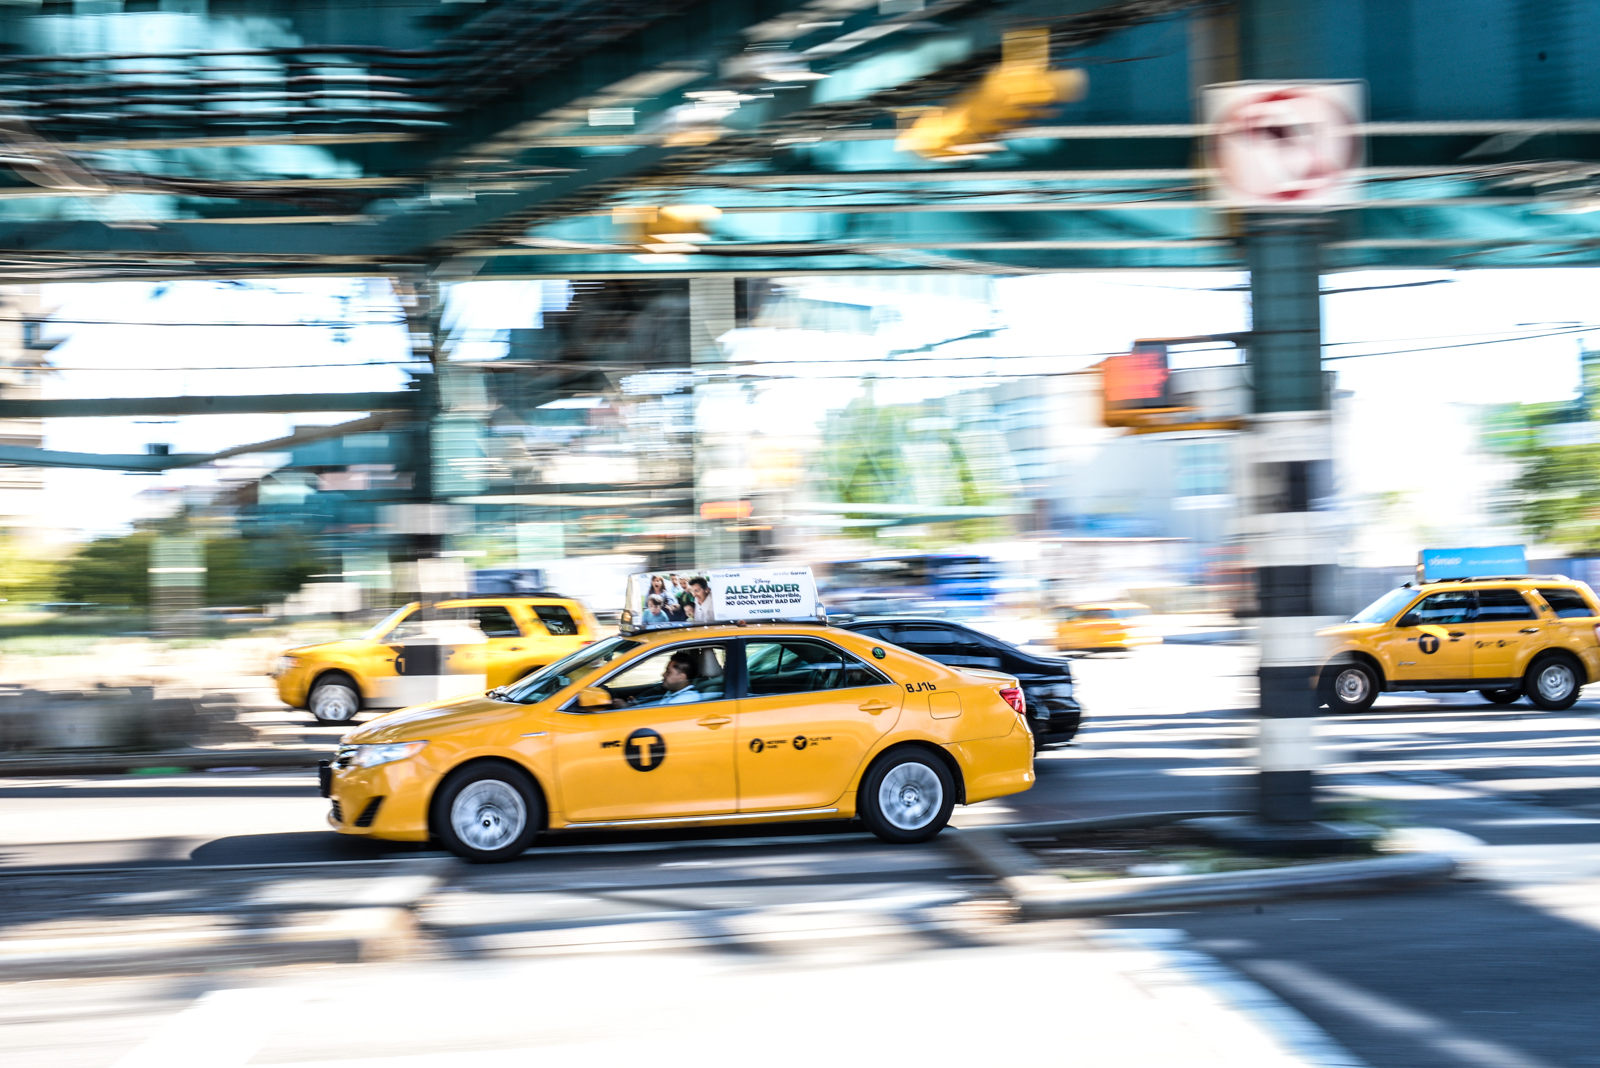 Metro Taxi And Car Service Kew Gardens Ny